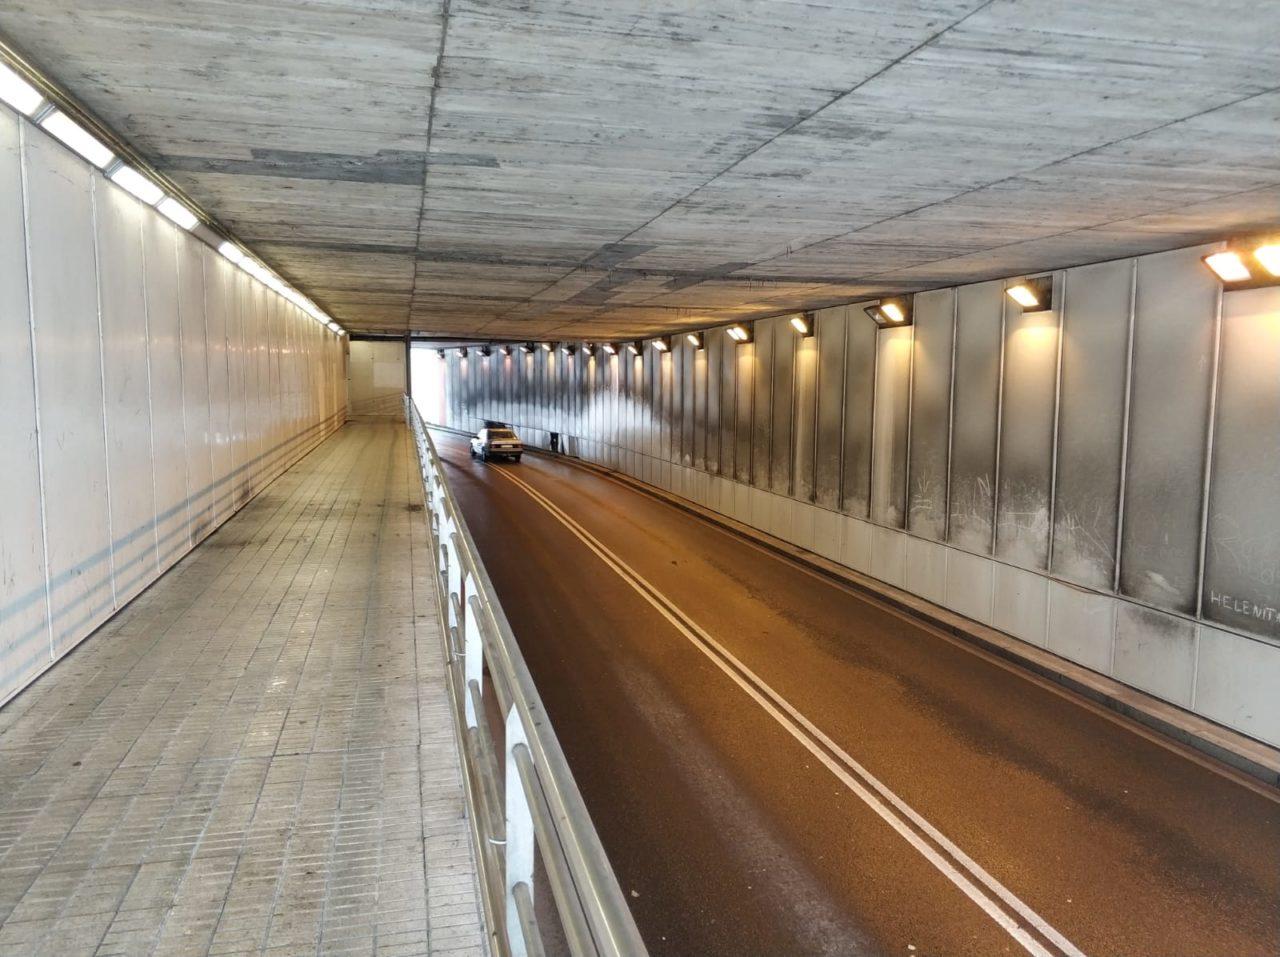 tunel la calzada